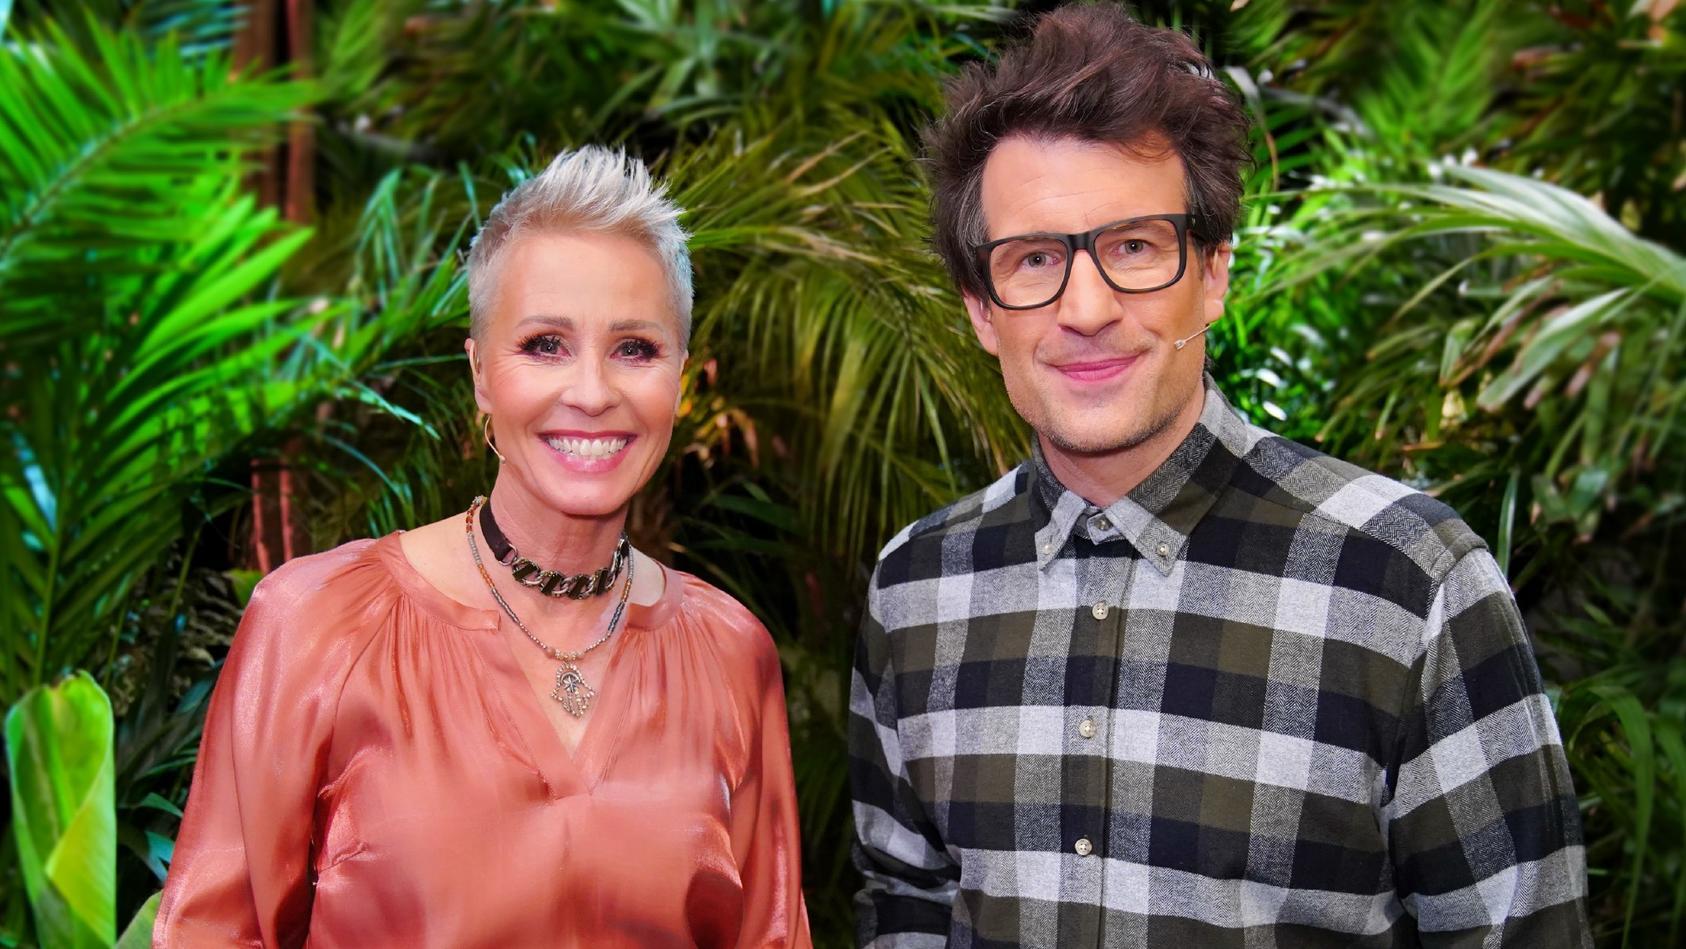 Sonja Zietlow und Daniel Hartwich sind bei der Dschungelshow 2021 als Moderatoren dabei.